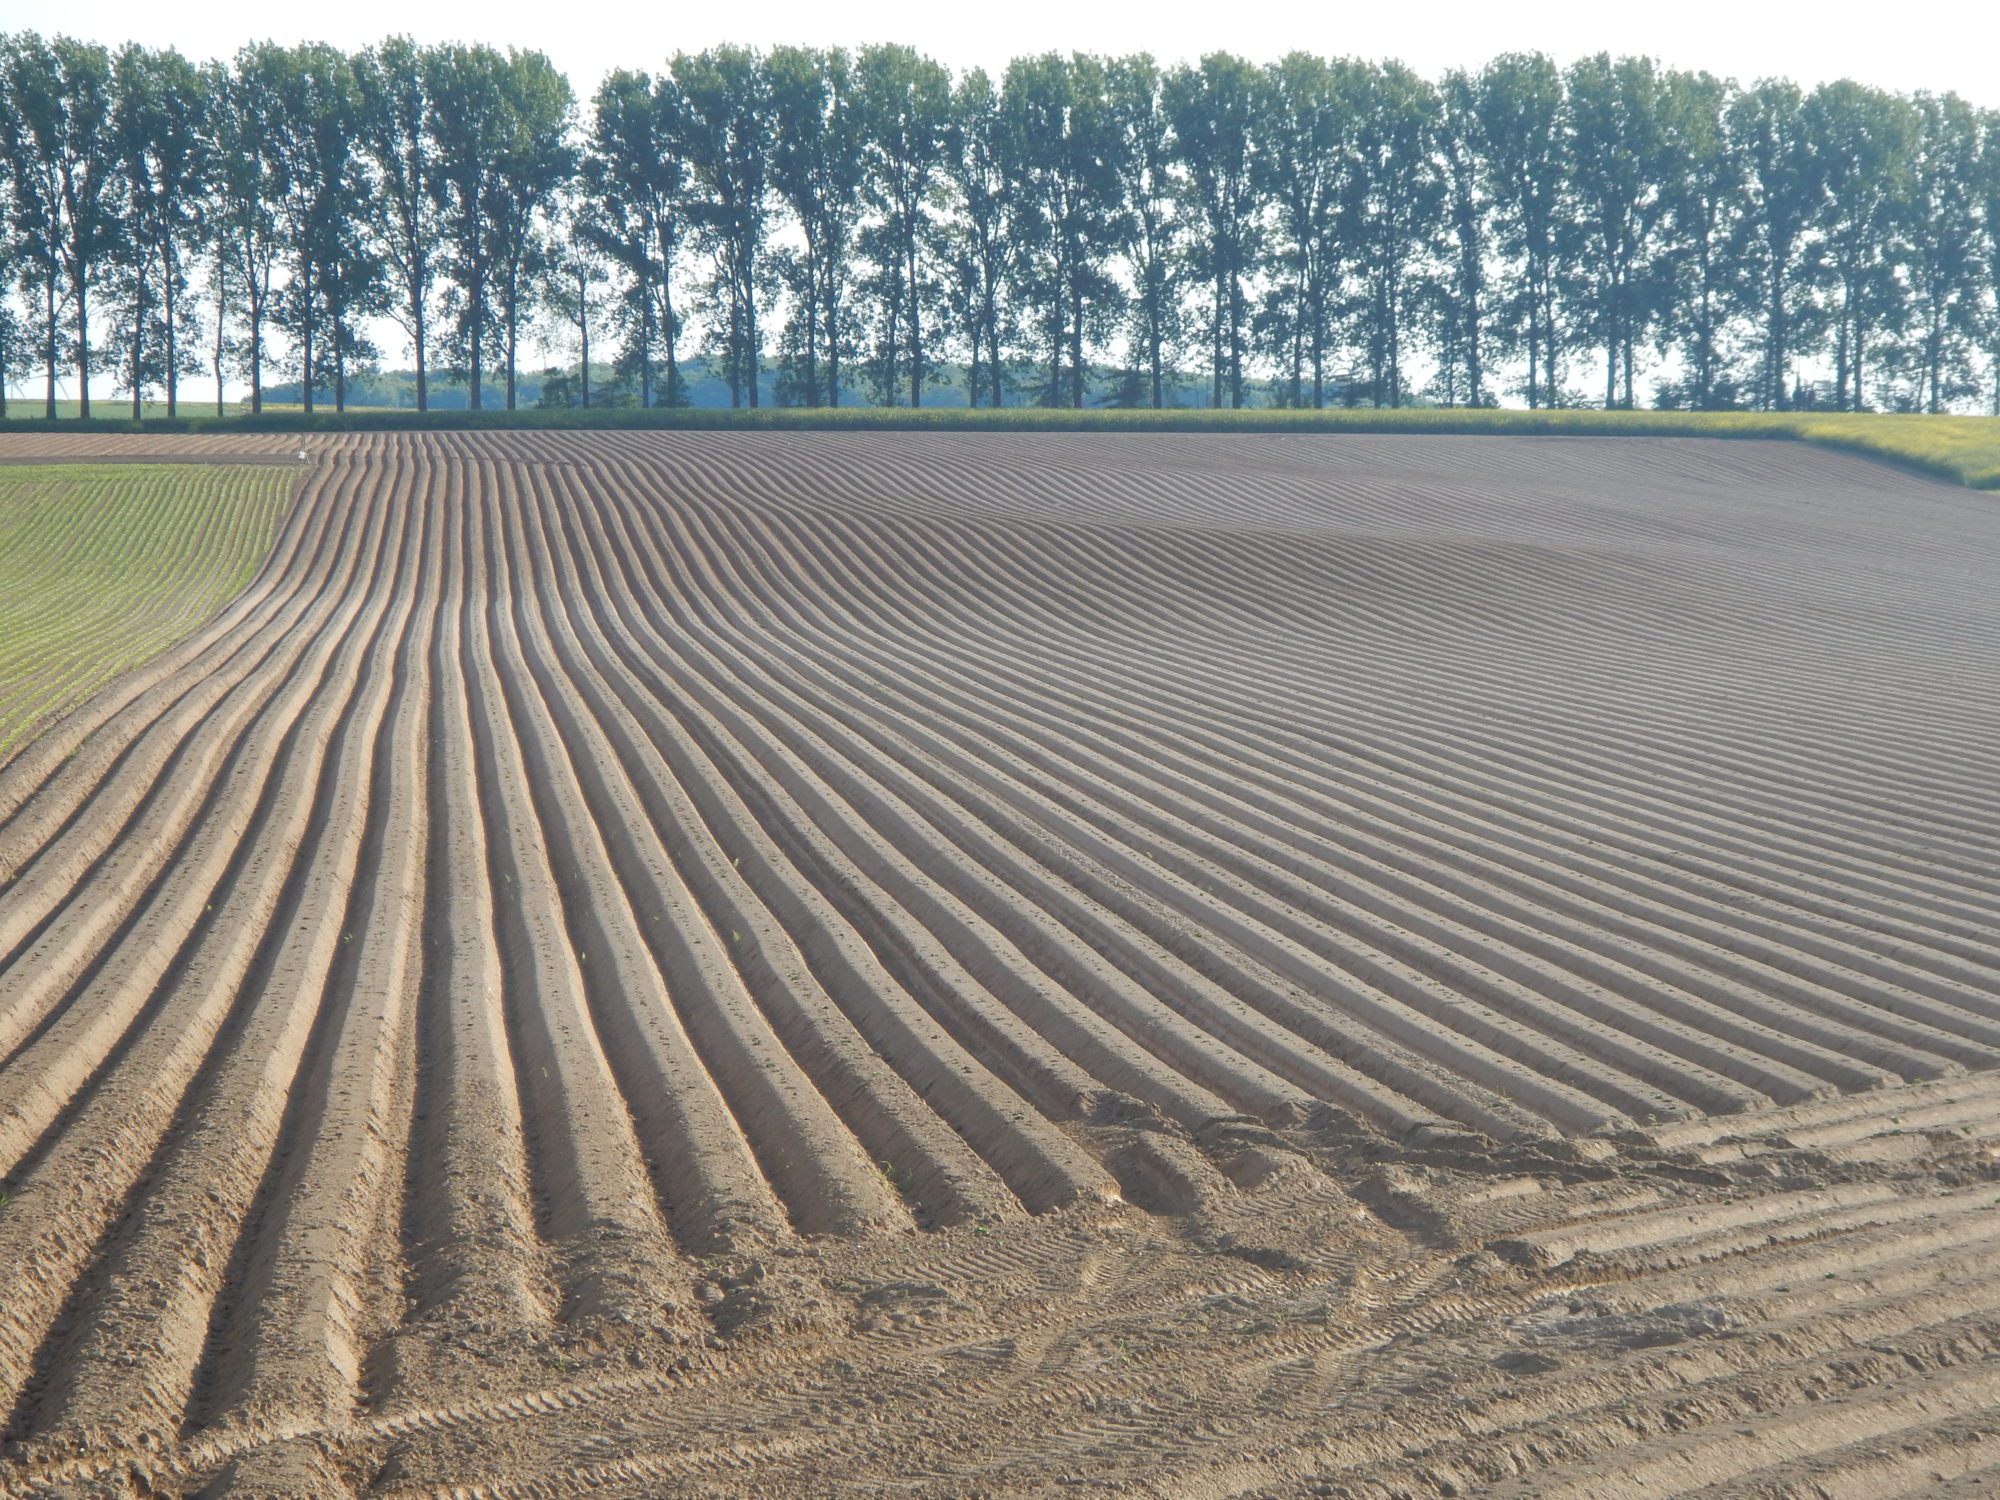 Avis aux producteurs de plants fermiers : lutte contre les nématodes à kystes des pommes de terre (Globodera rostochiensis et Globodera pallida)